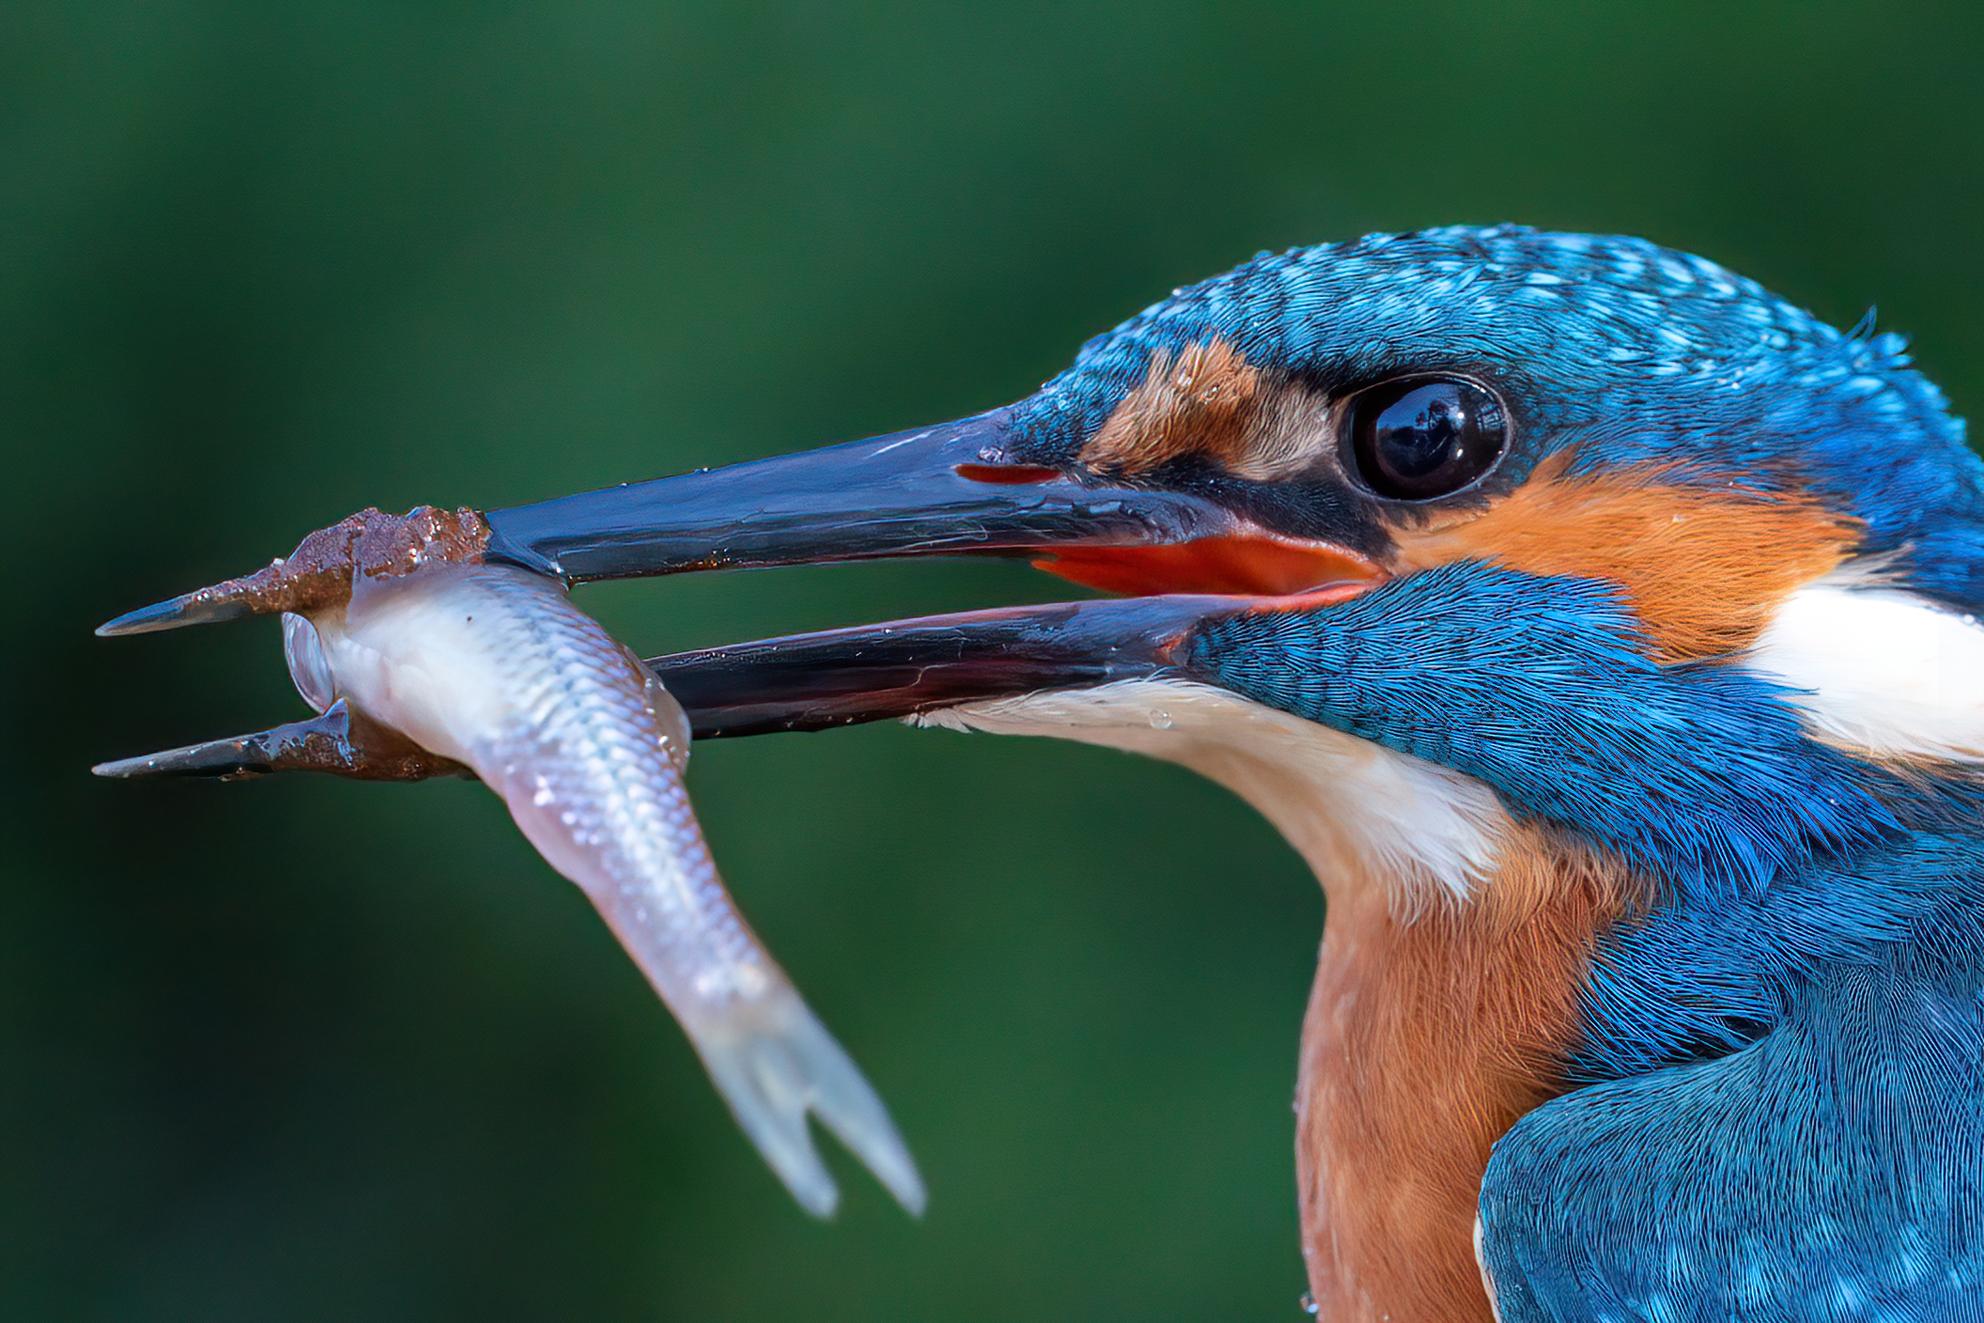 Ijsvogel  - Ijsvogel aan het sushi ontbijt - foto door Geertjeg op 07-04-2021 - locatie: België - deze foto bevat: vogel, organisme, bek, veer, detailopname, elektrisch blauw, dieren in het wild, watervogel, macrofotografie, kraanvogelachtige vogel